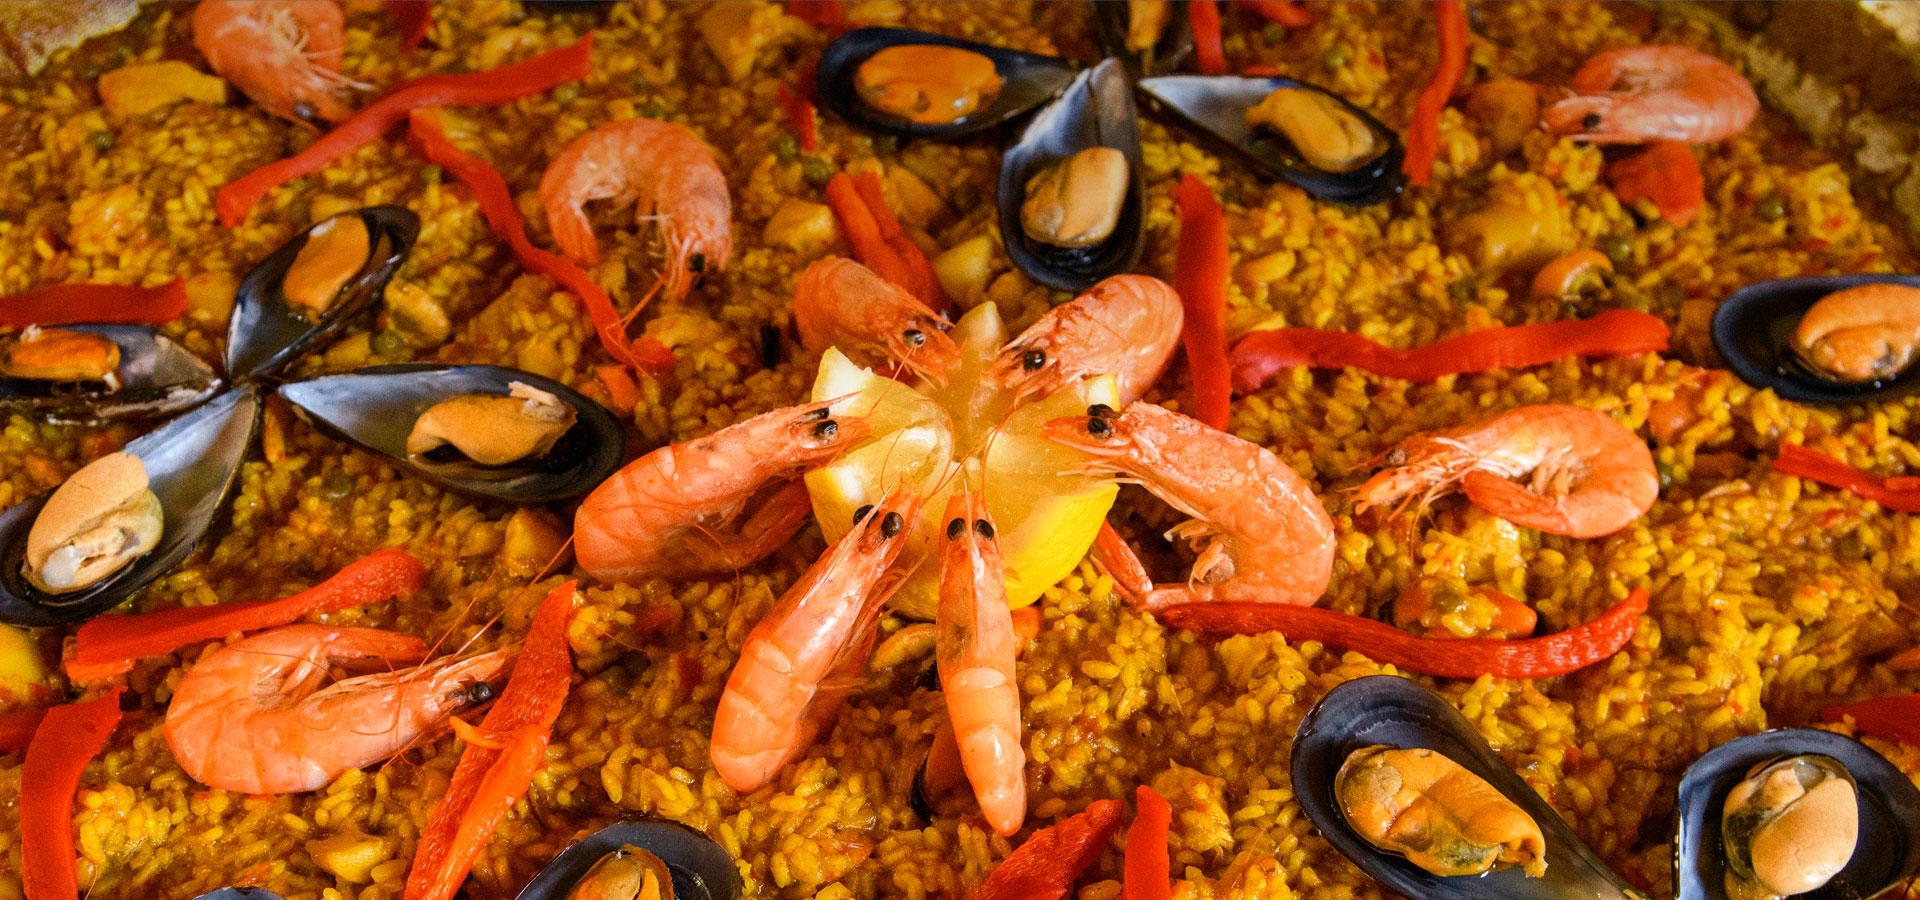 Mesón Carrión, the andalusian taste of the Caminito del Rey